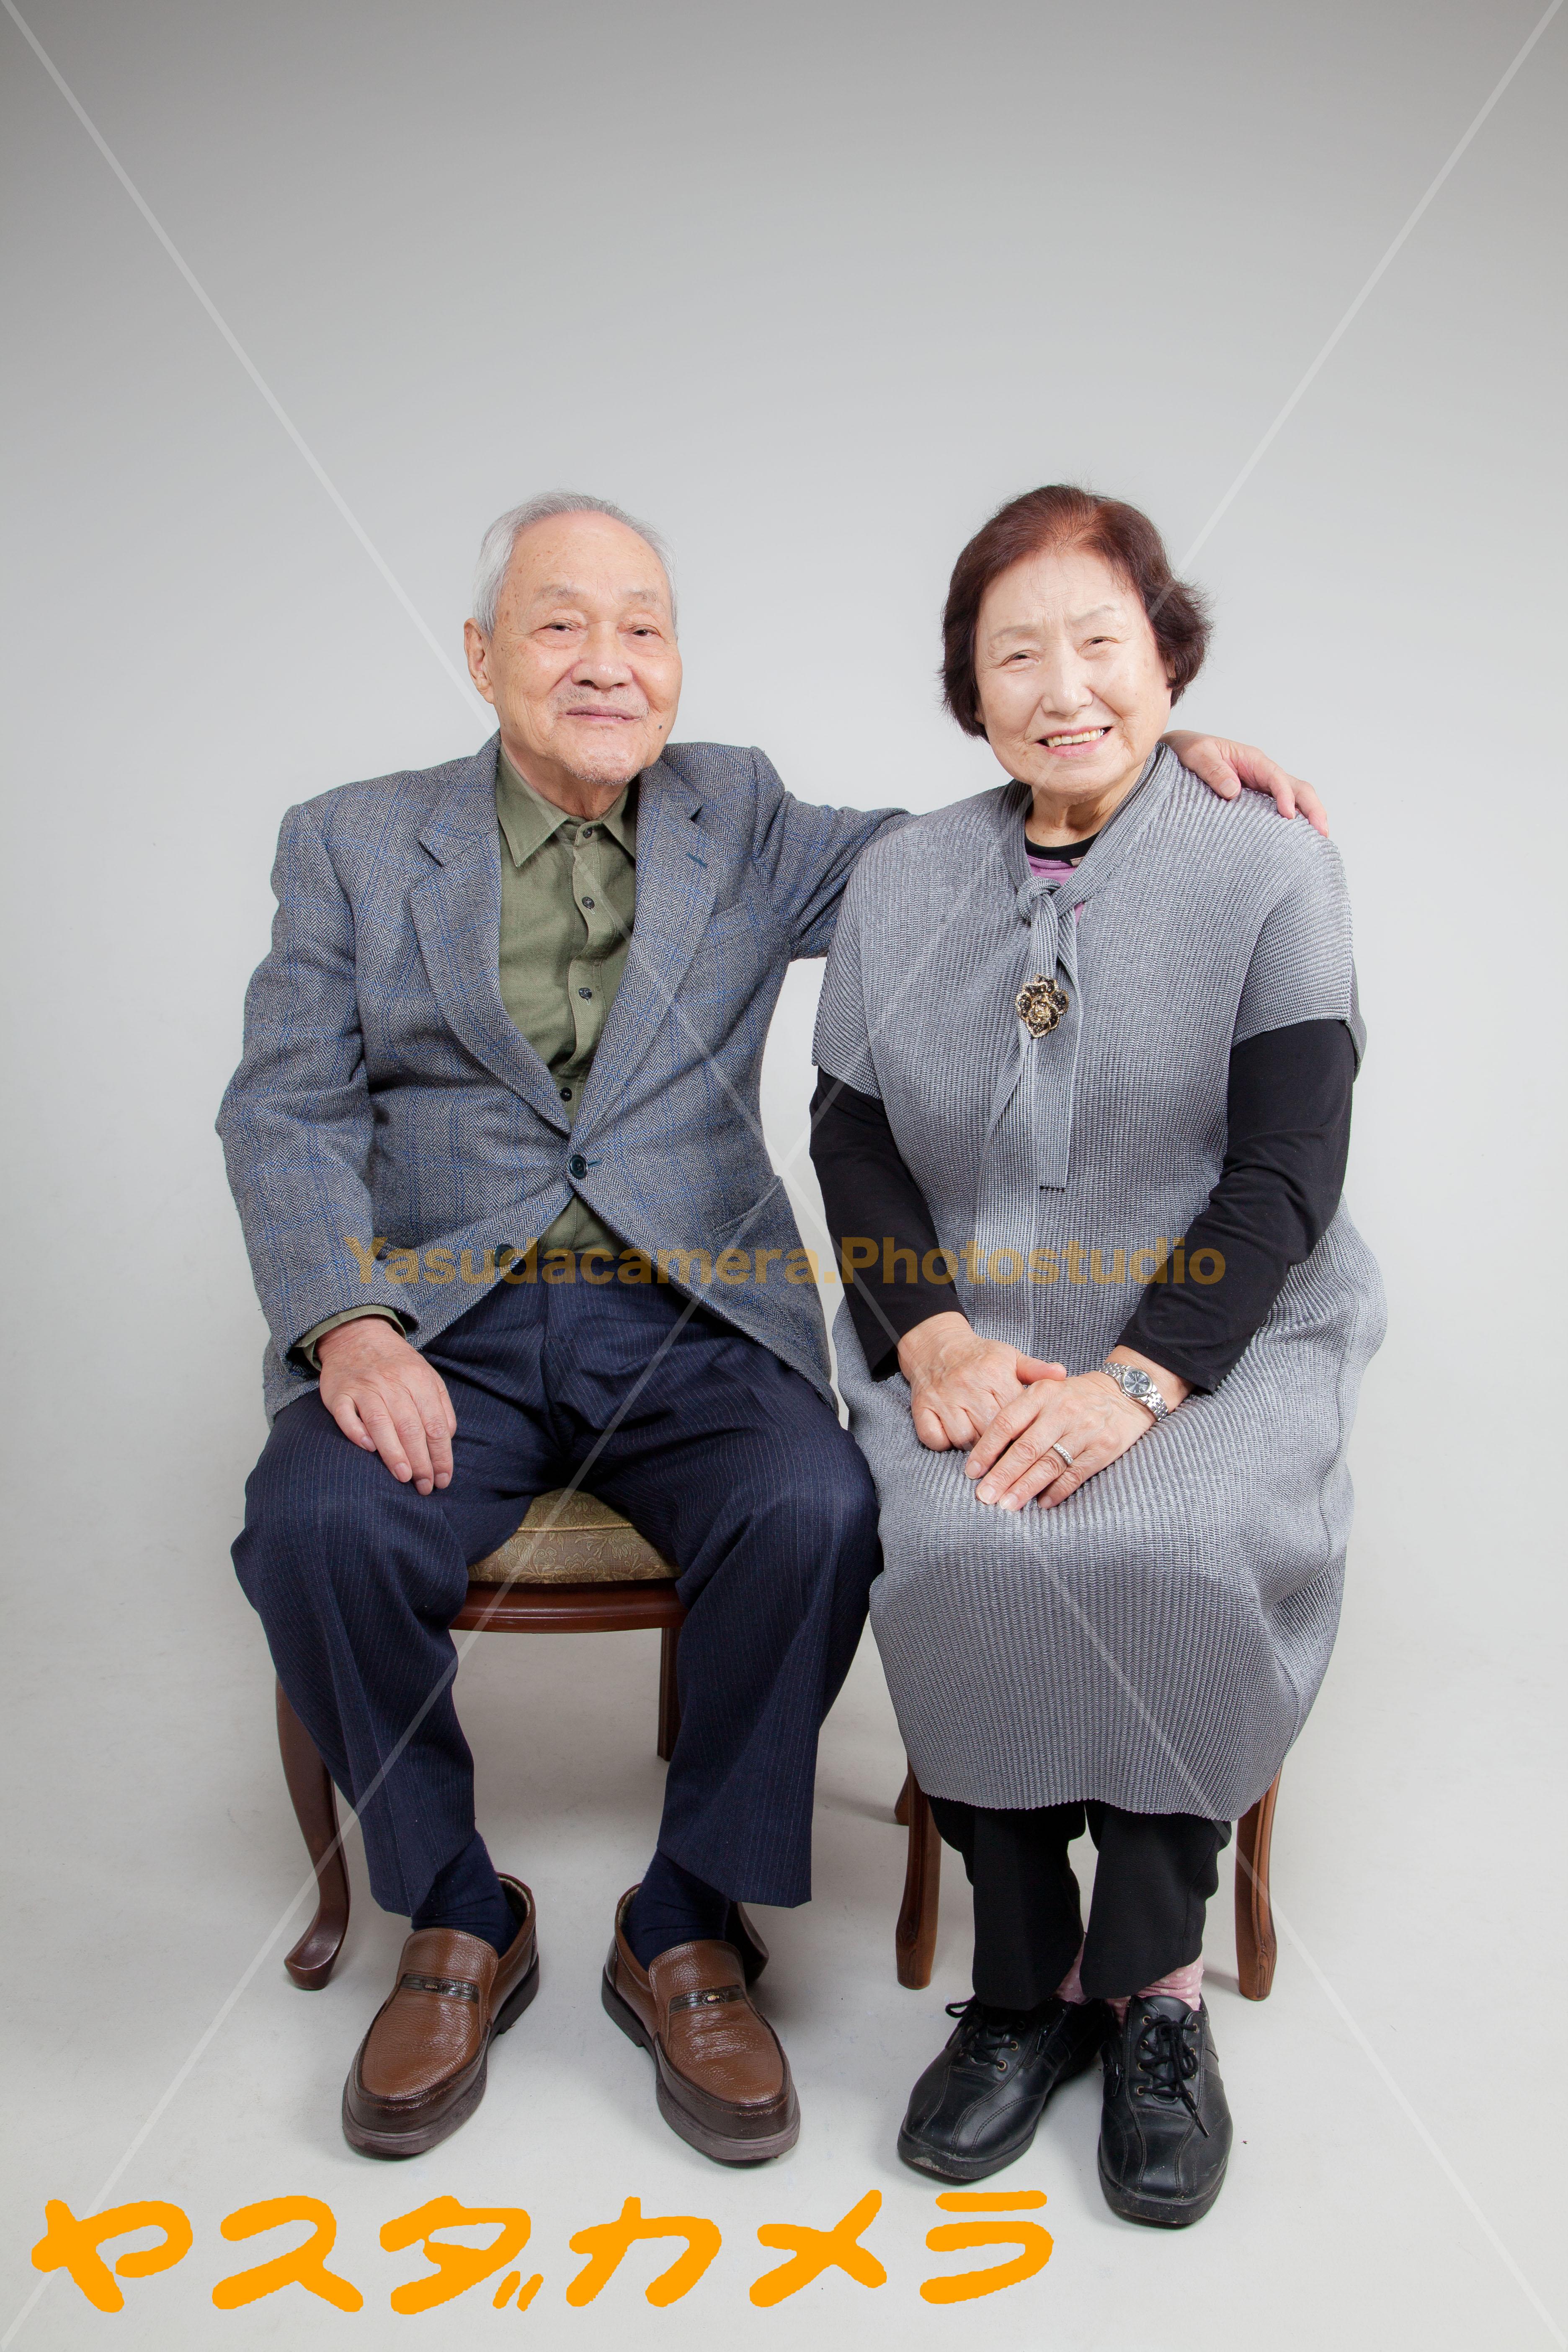 和歌山の写真館〜ヤスダカメラ〜